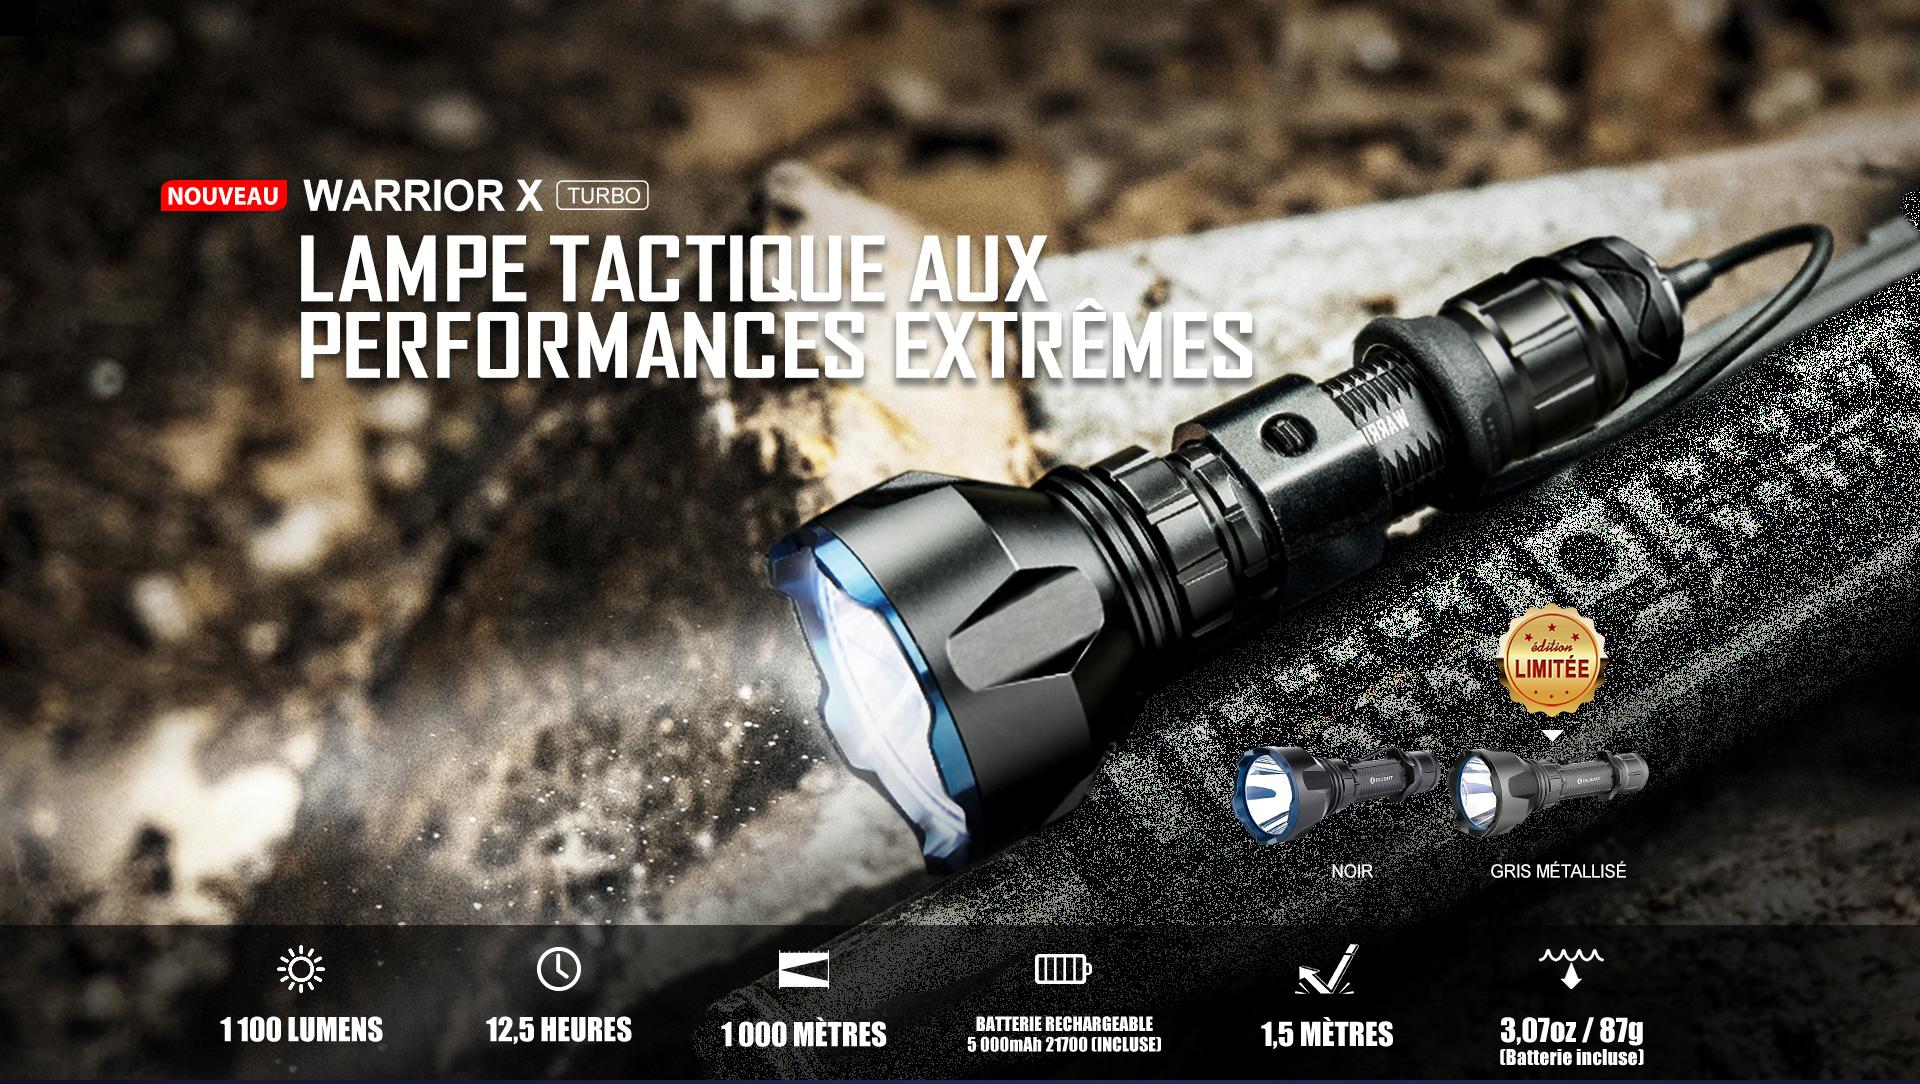 Lampe torche militaire puissante de 1100 lumens